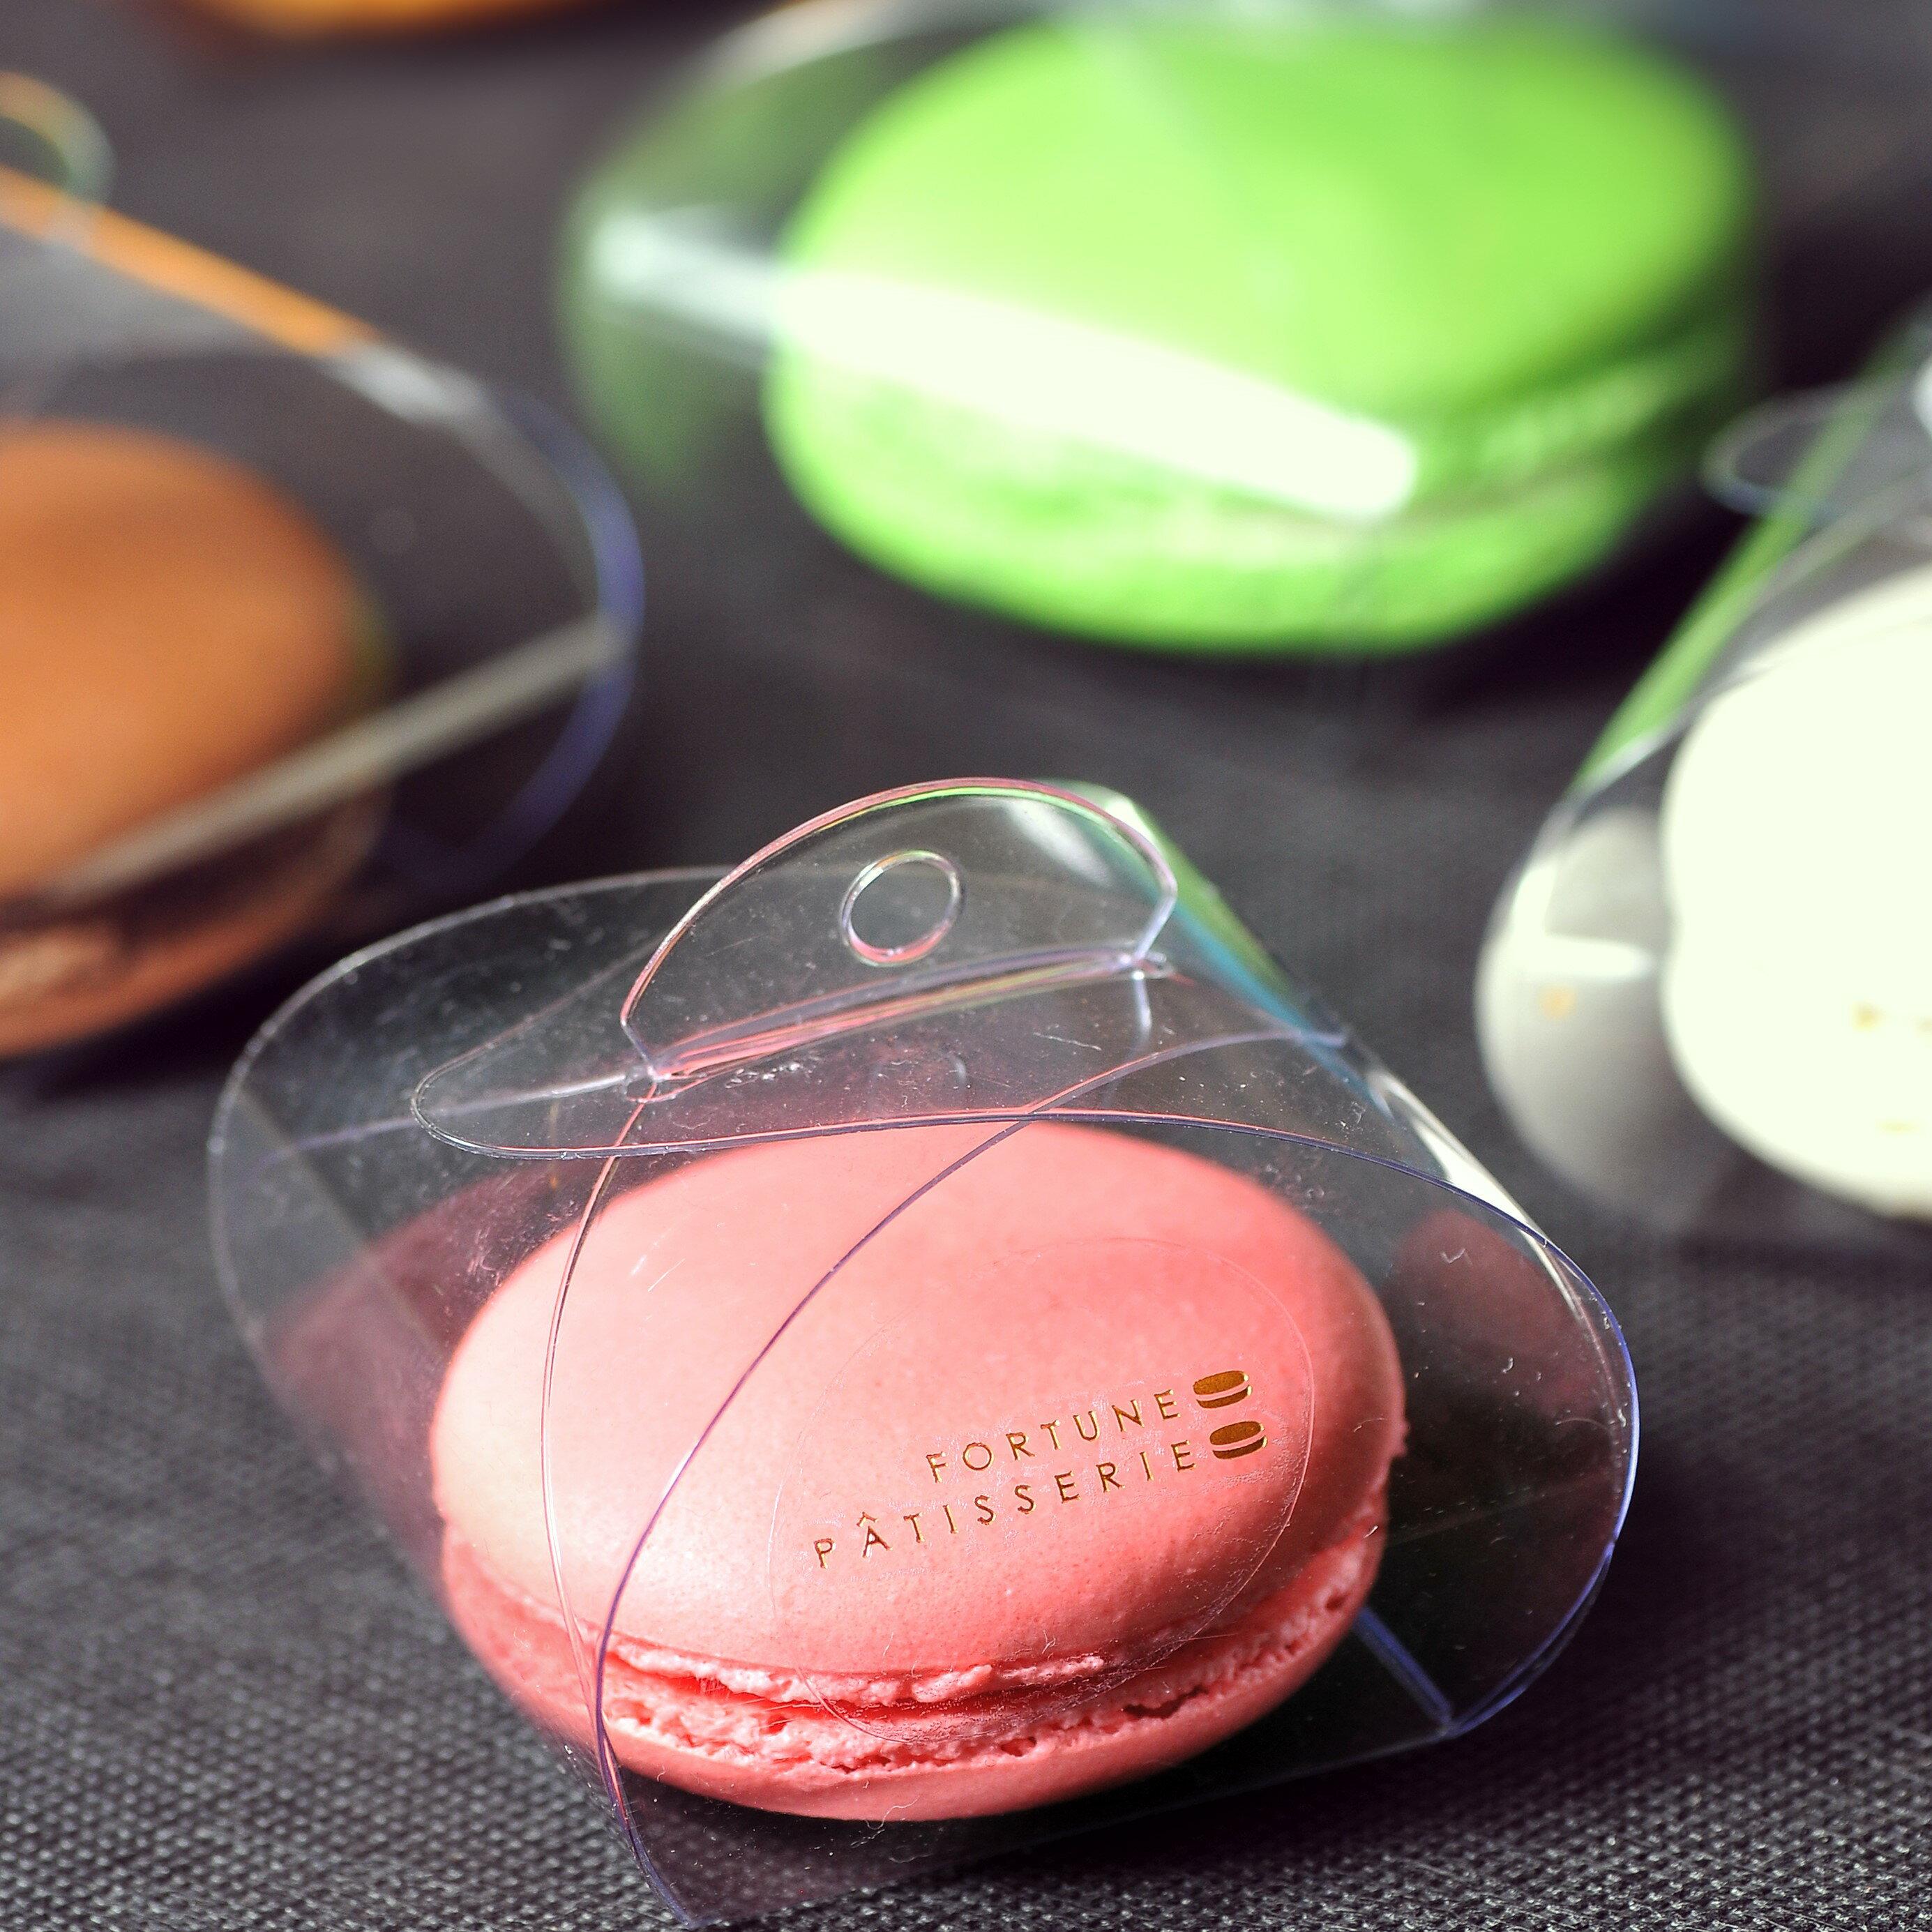 【芙甜法式甜點】馬卡龍6入禮盒:馬卡龍內餡多一倍!糖度減半美味不變,芙甜嘉昌主廚獨家比例,讓法式點心更符合台灣人口味。